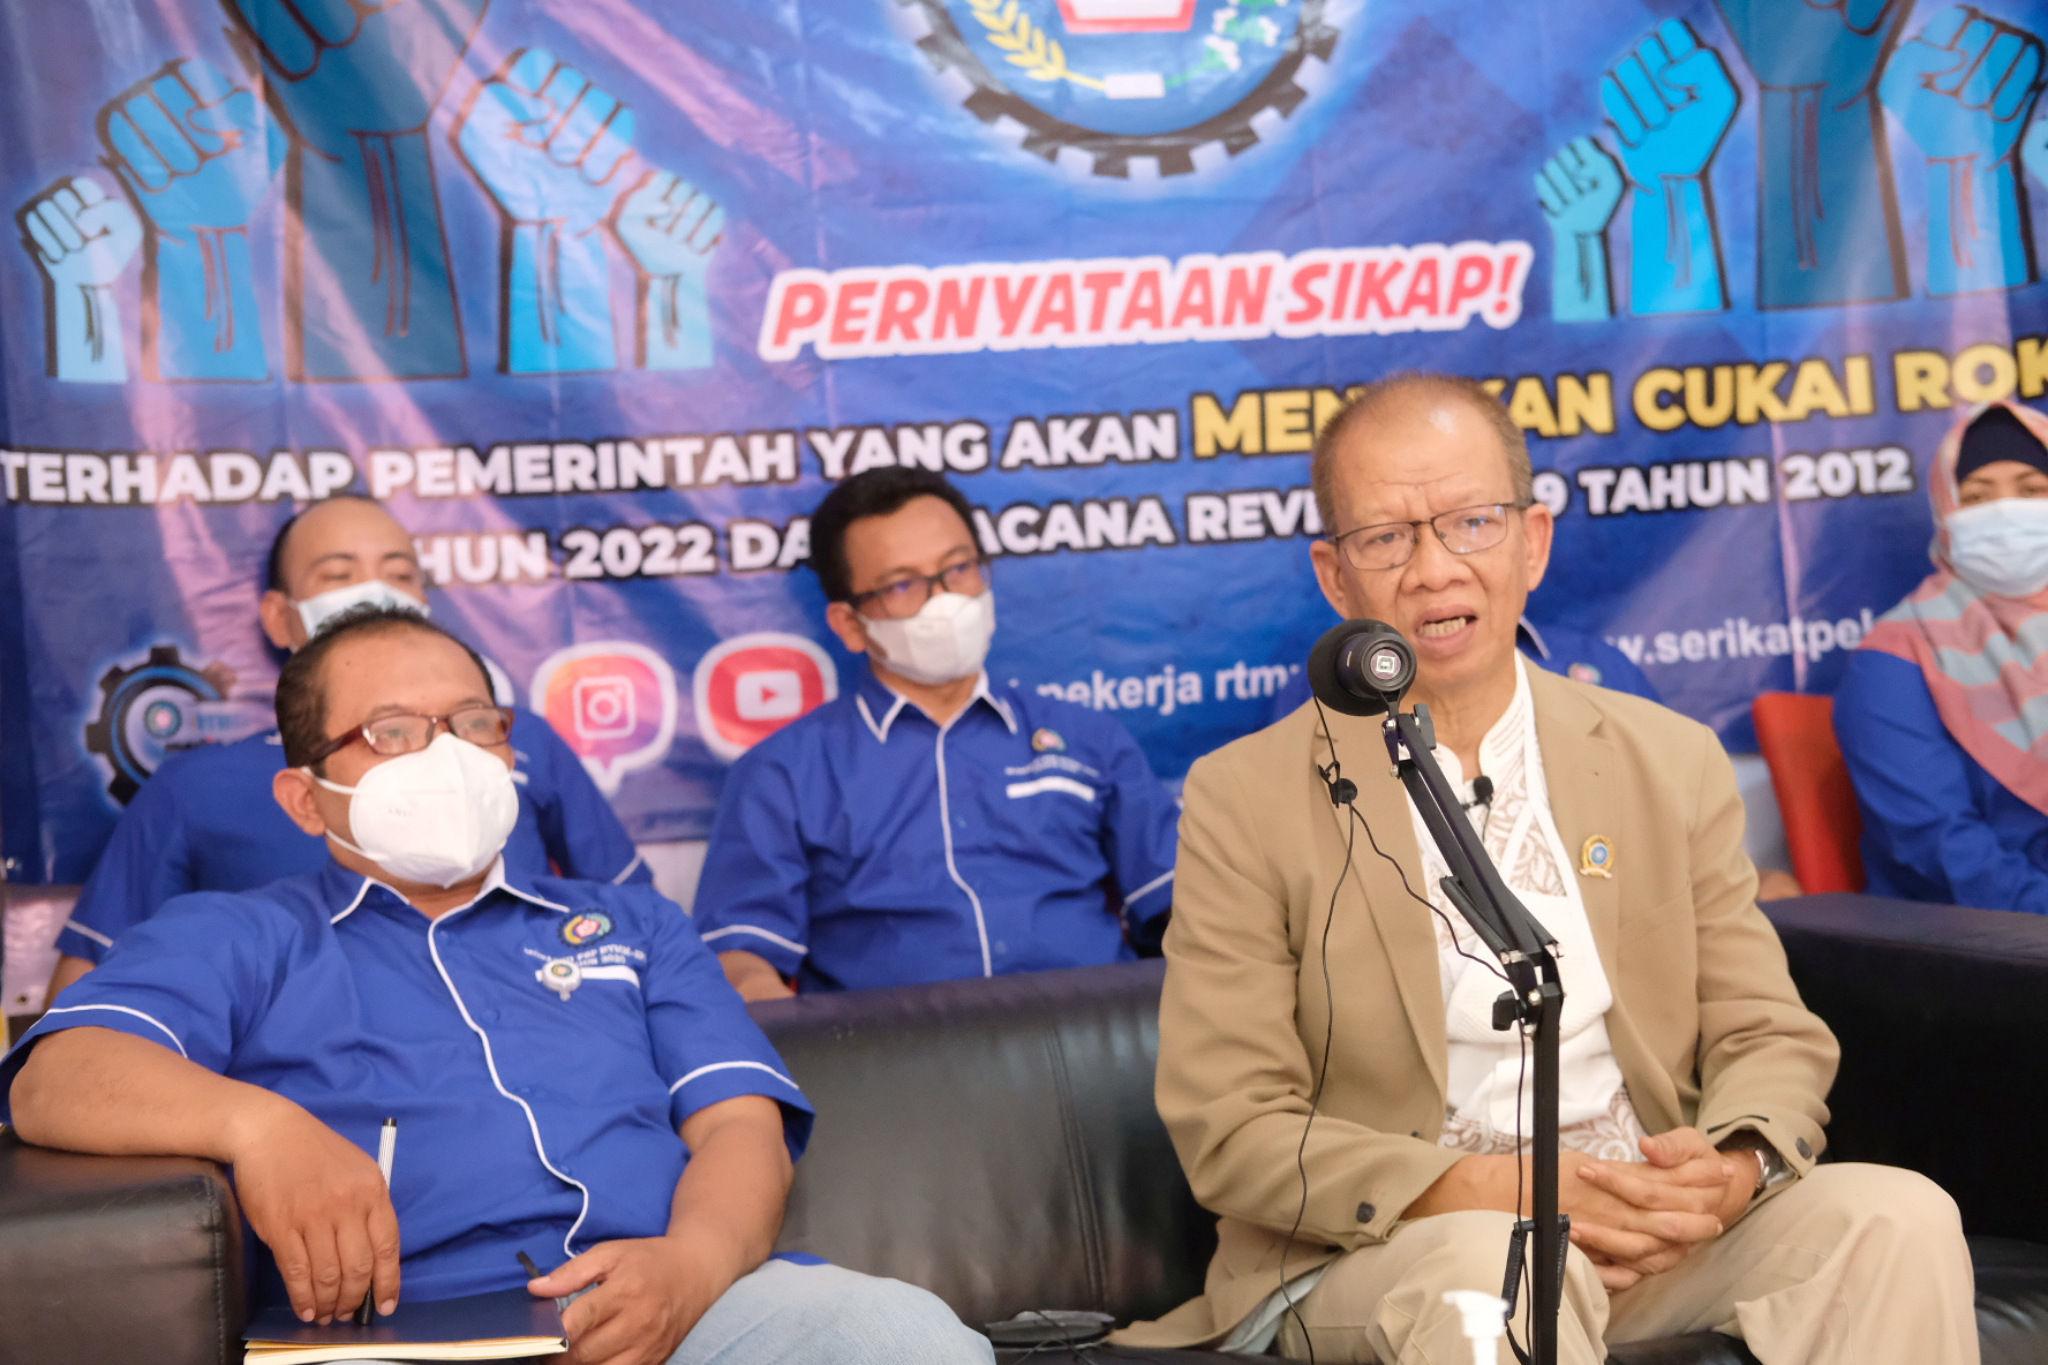 Surati Presiden Jokowi, Serikat Pekerja Tembakau Minta Perlindungan Dari Kenaikan CHT